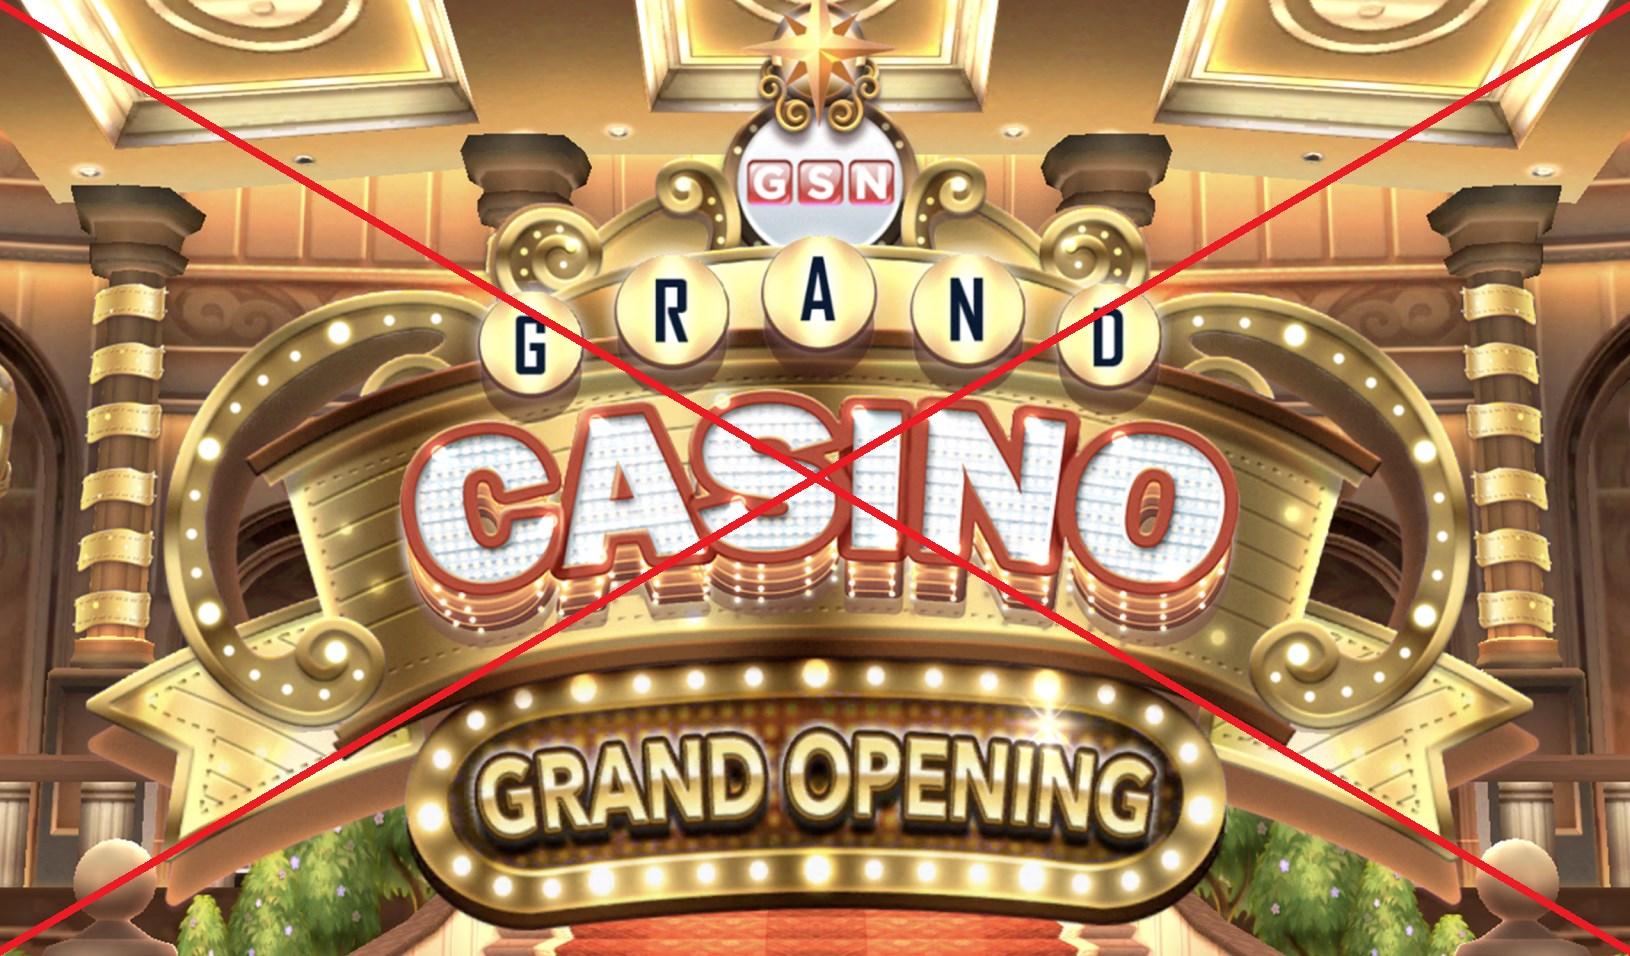 Грант казино отзывы отбросы нейтан казино